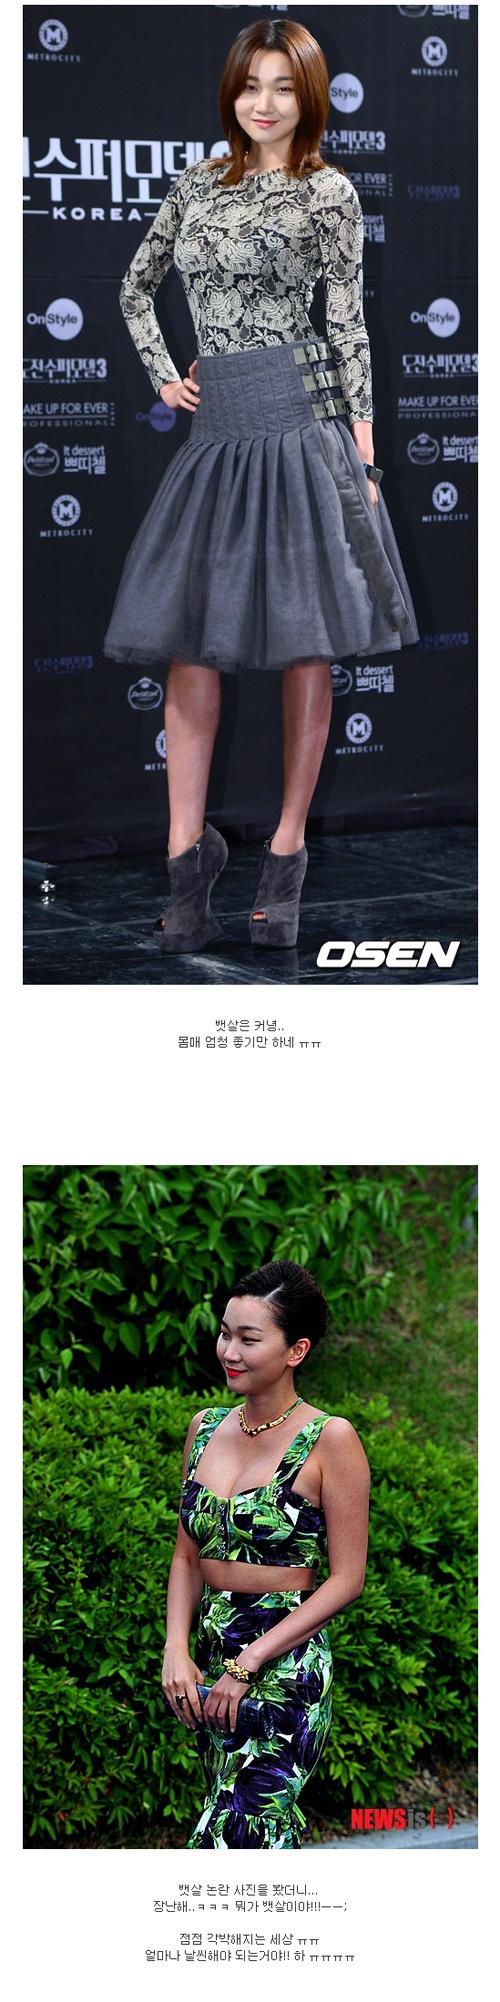 16】 挑战超级模特-korea3>发布会